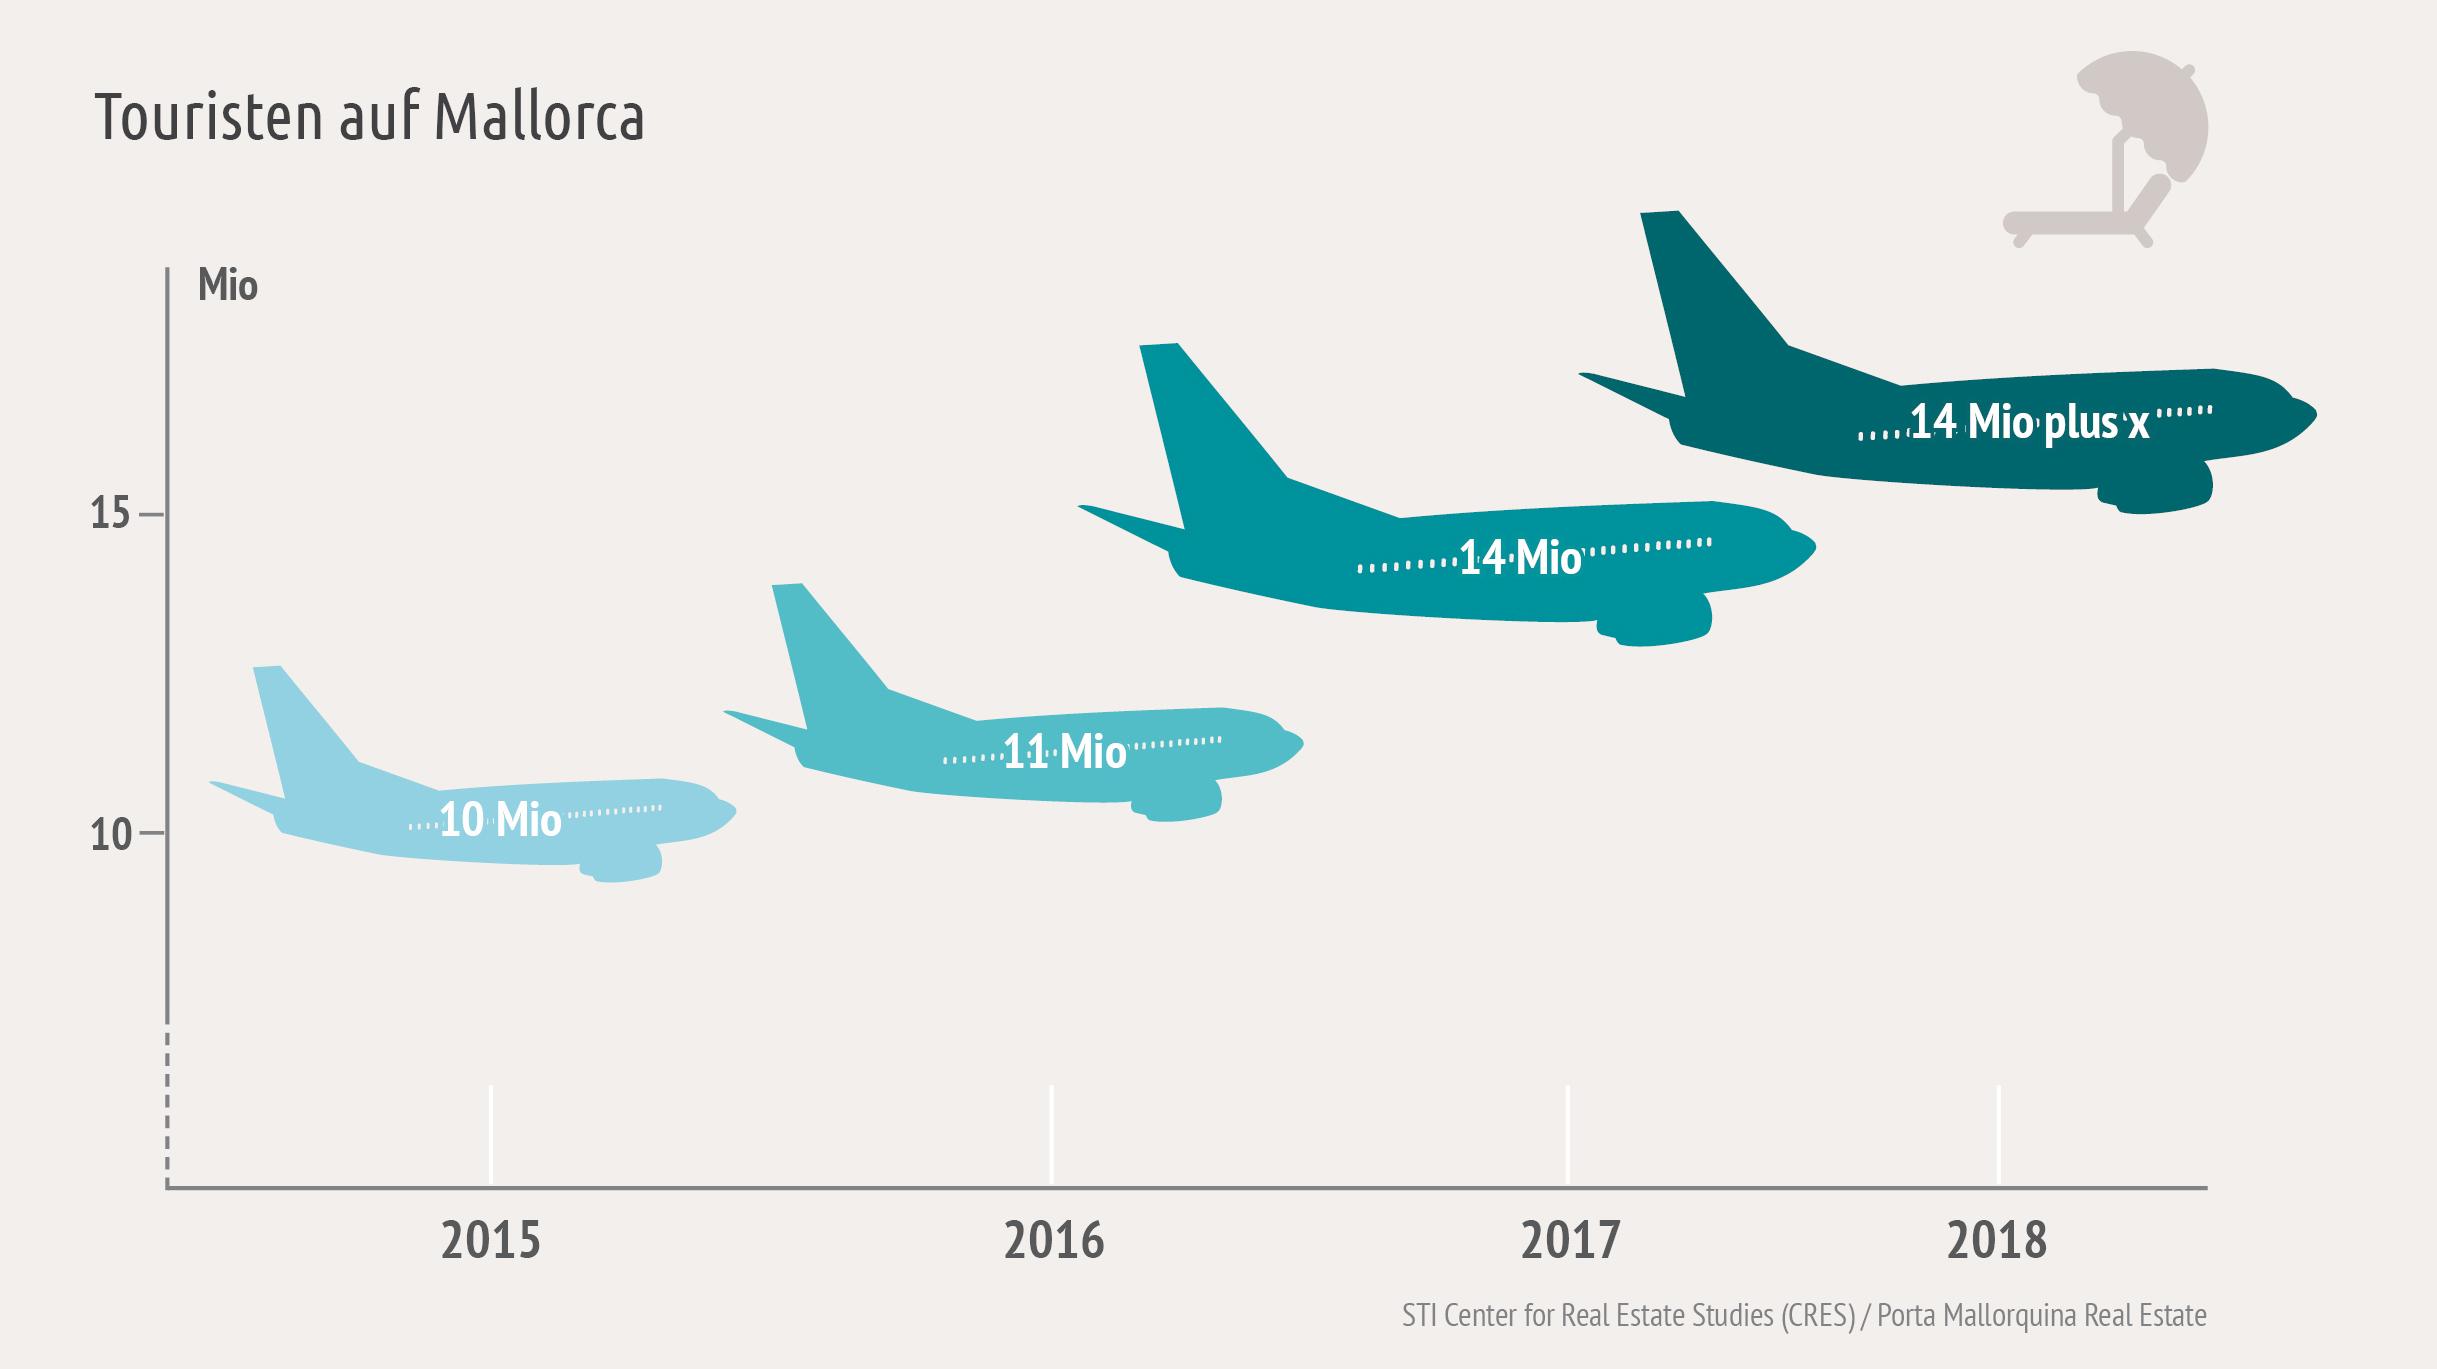 Der Tourismus boomt weiter auf Mallorca!